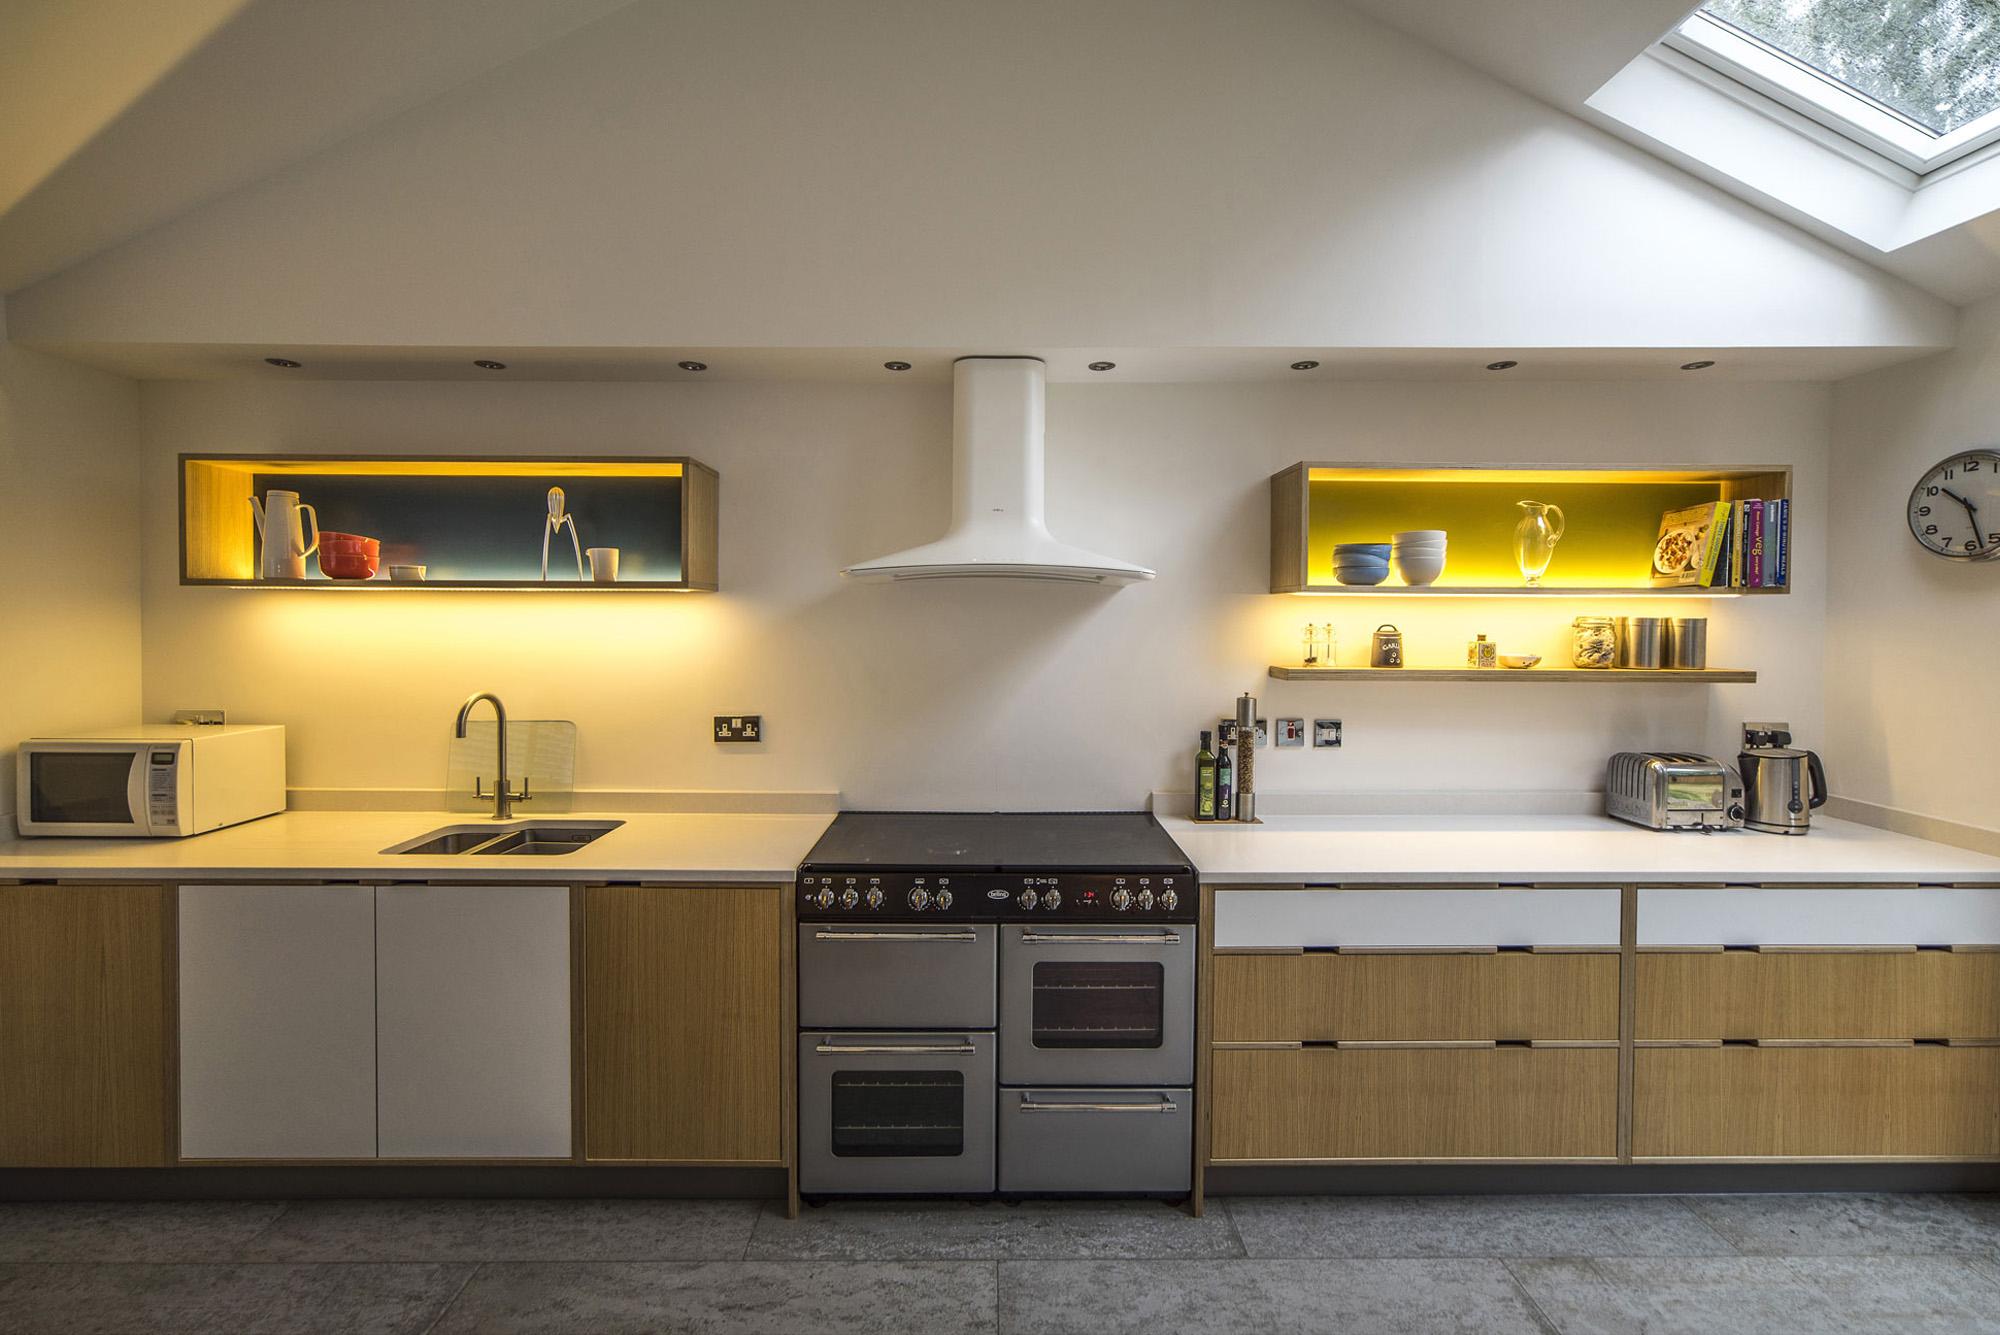 Oak veneered kitchen - Open plan cooking